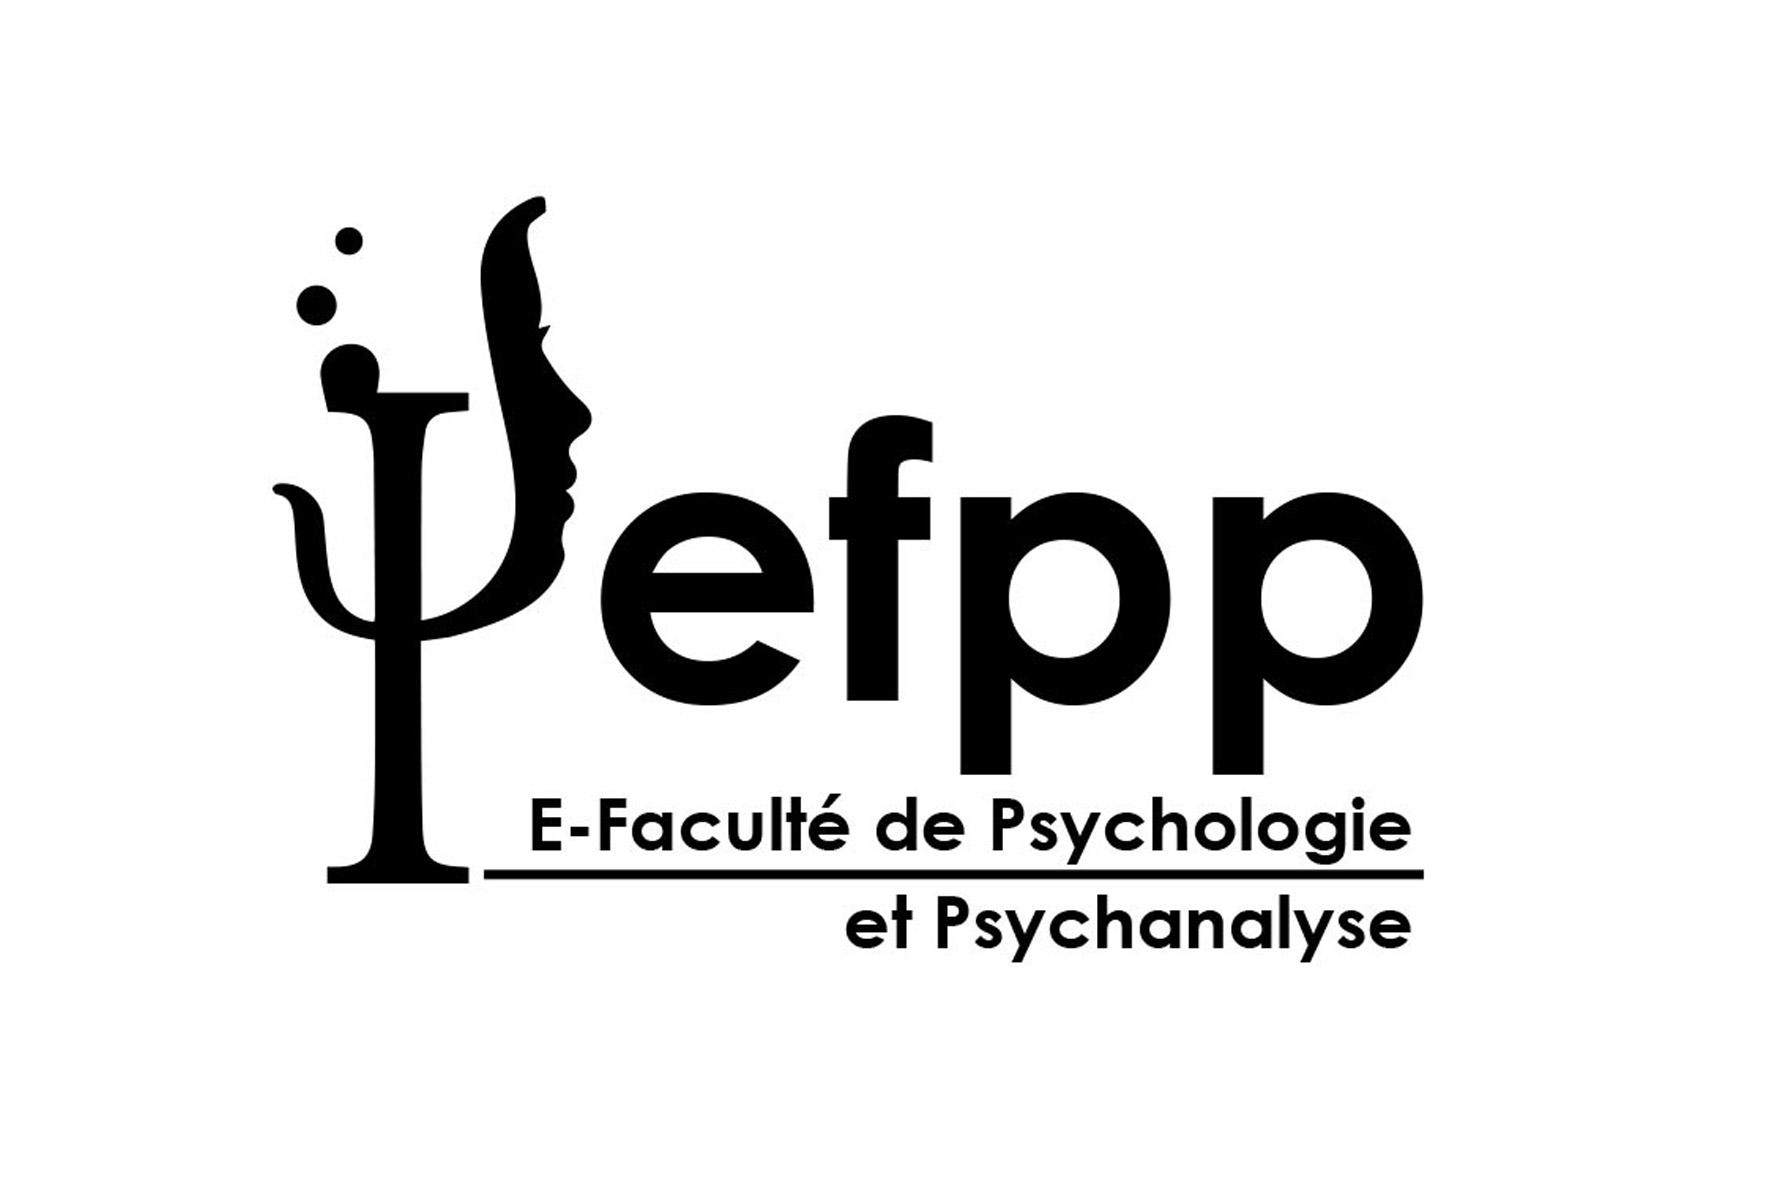 Partenaires Hypnose Institute : E-Faculté de Psychologie et Psychanalyse